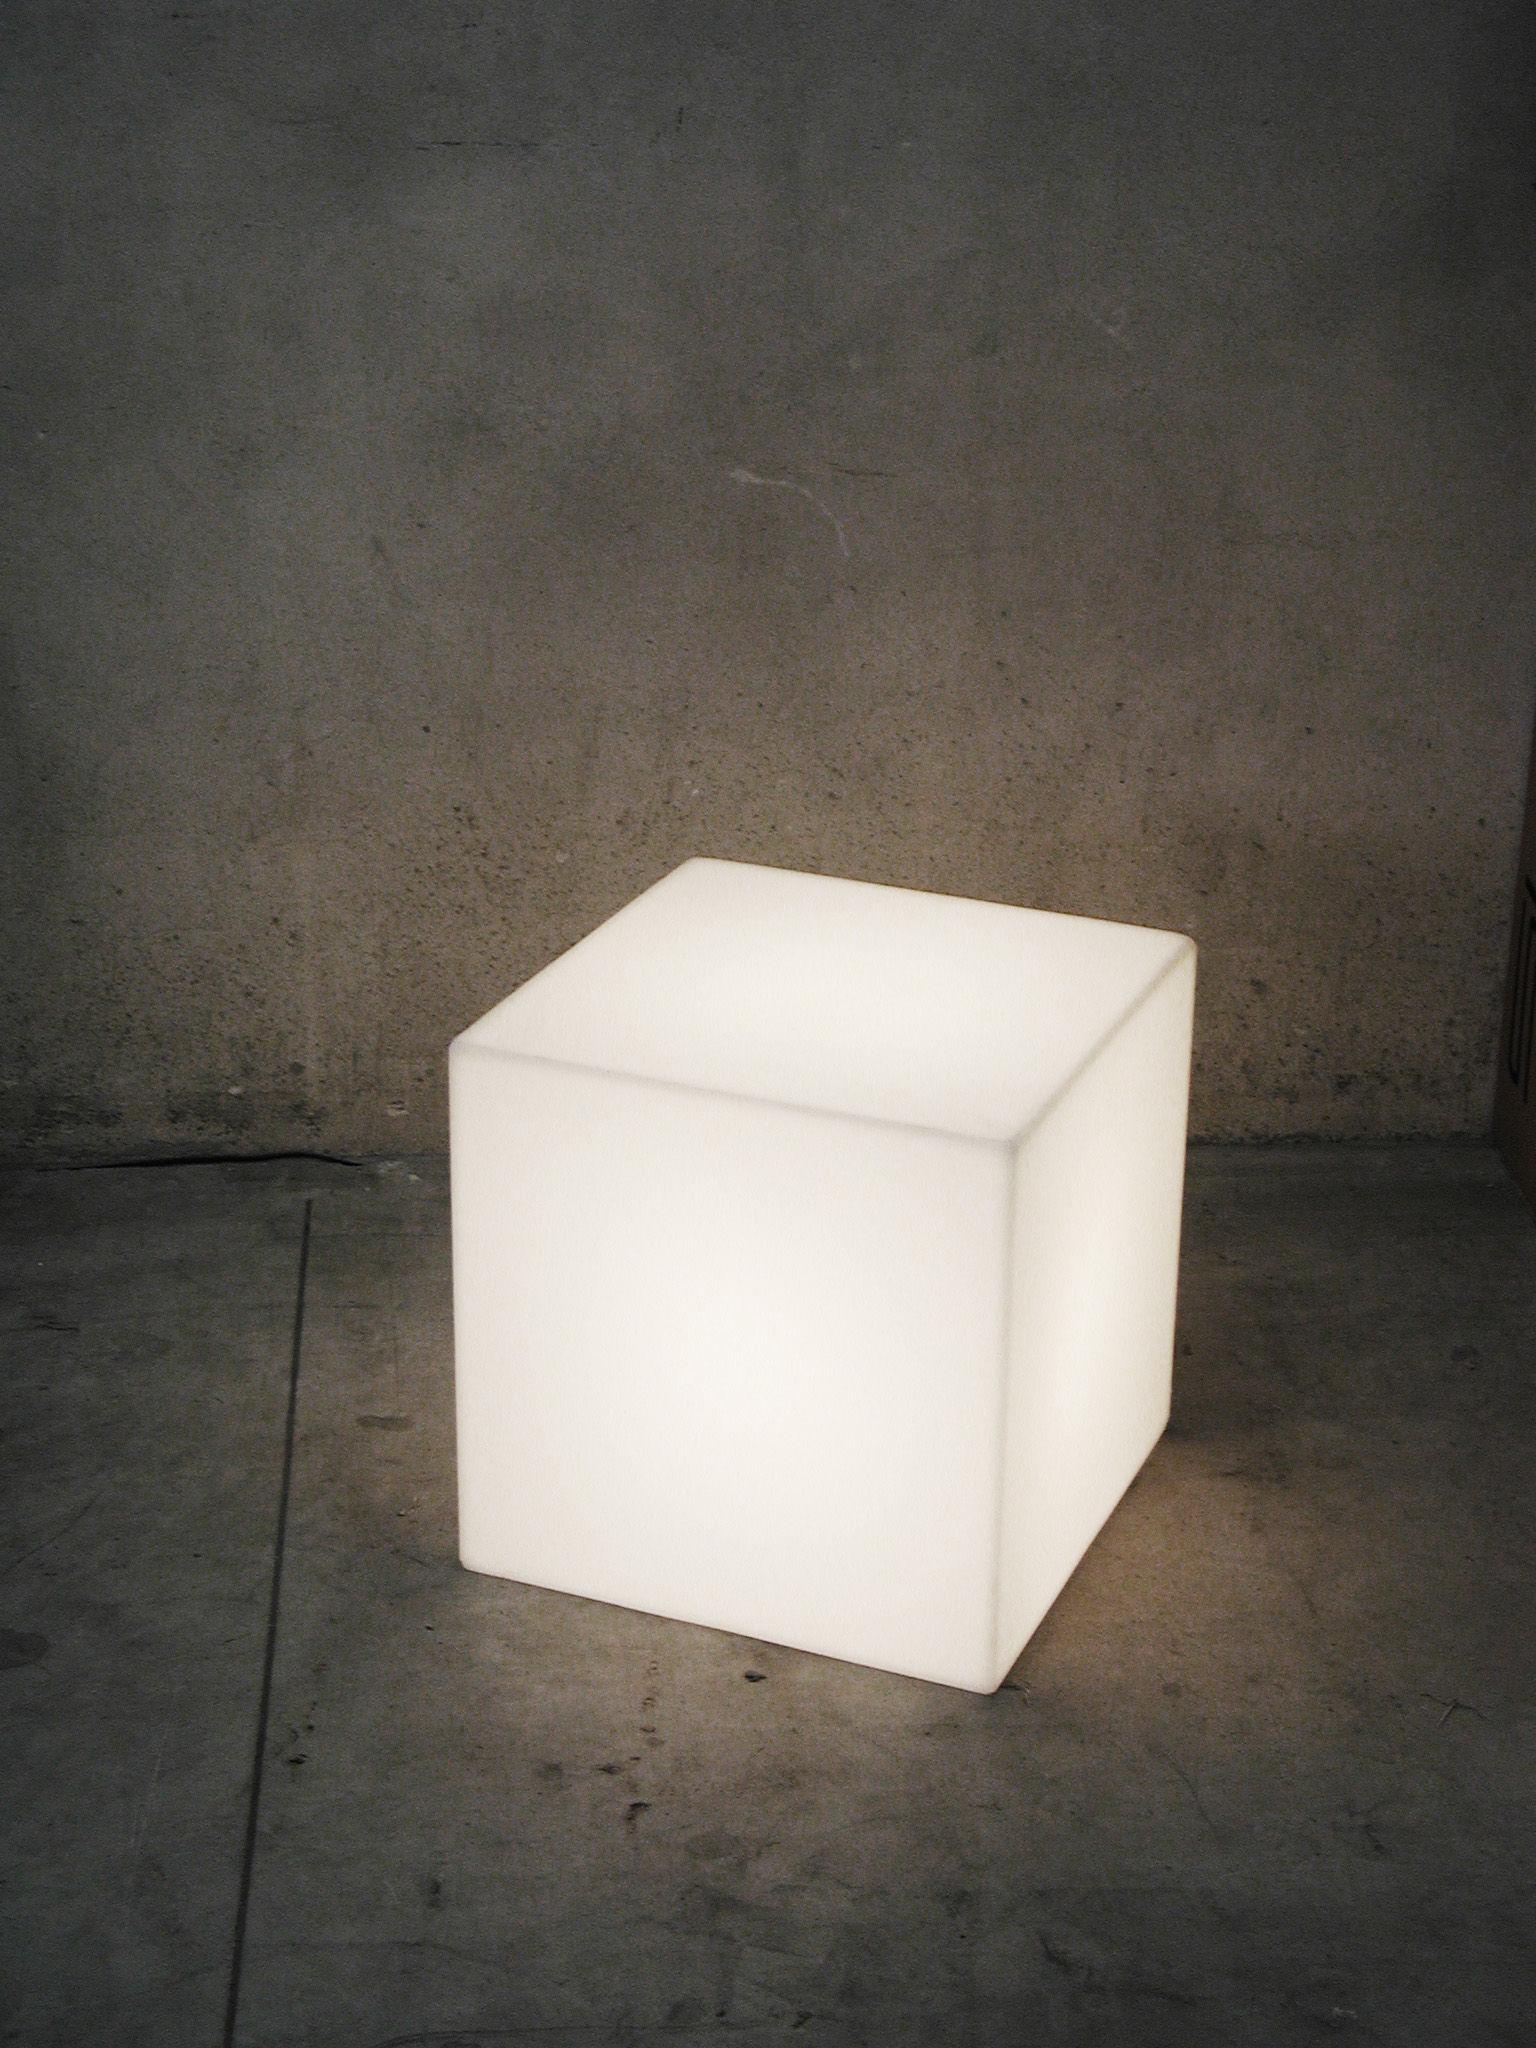 Lampada da tavolo Cubo Outdoor LED senza fili - 25 x 25 x 25 cm - Per l'esterno  eBay